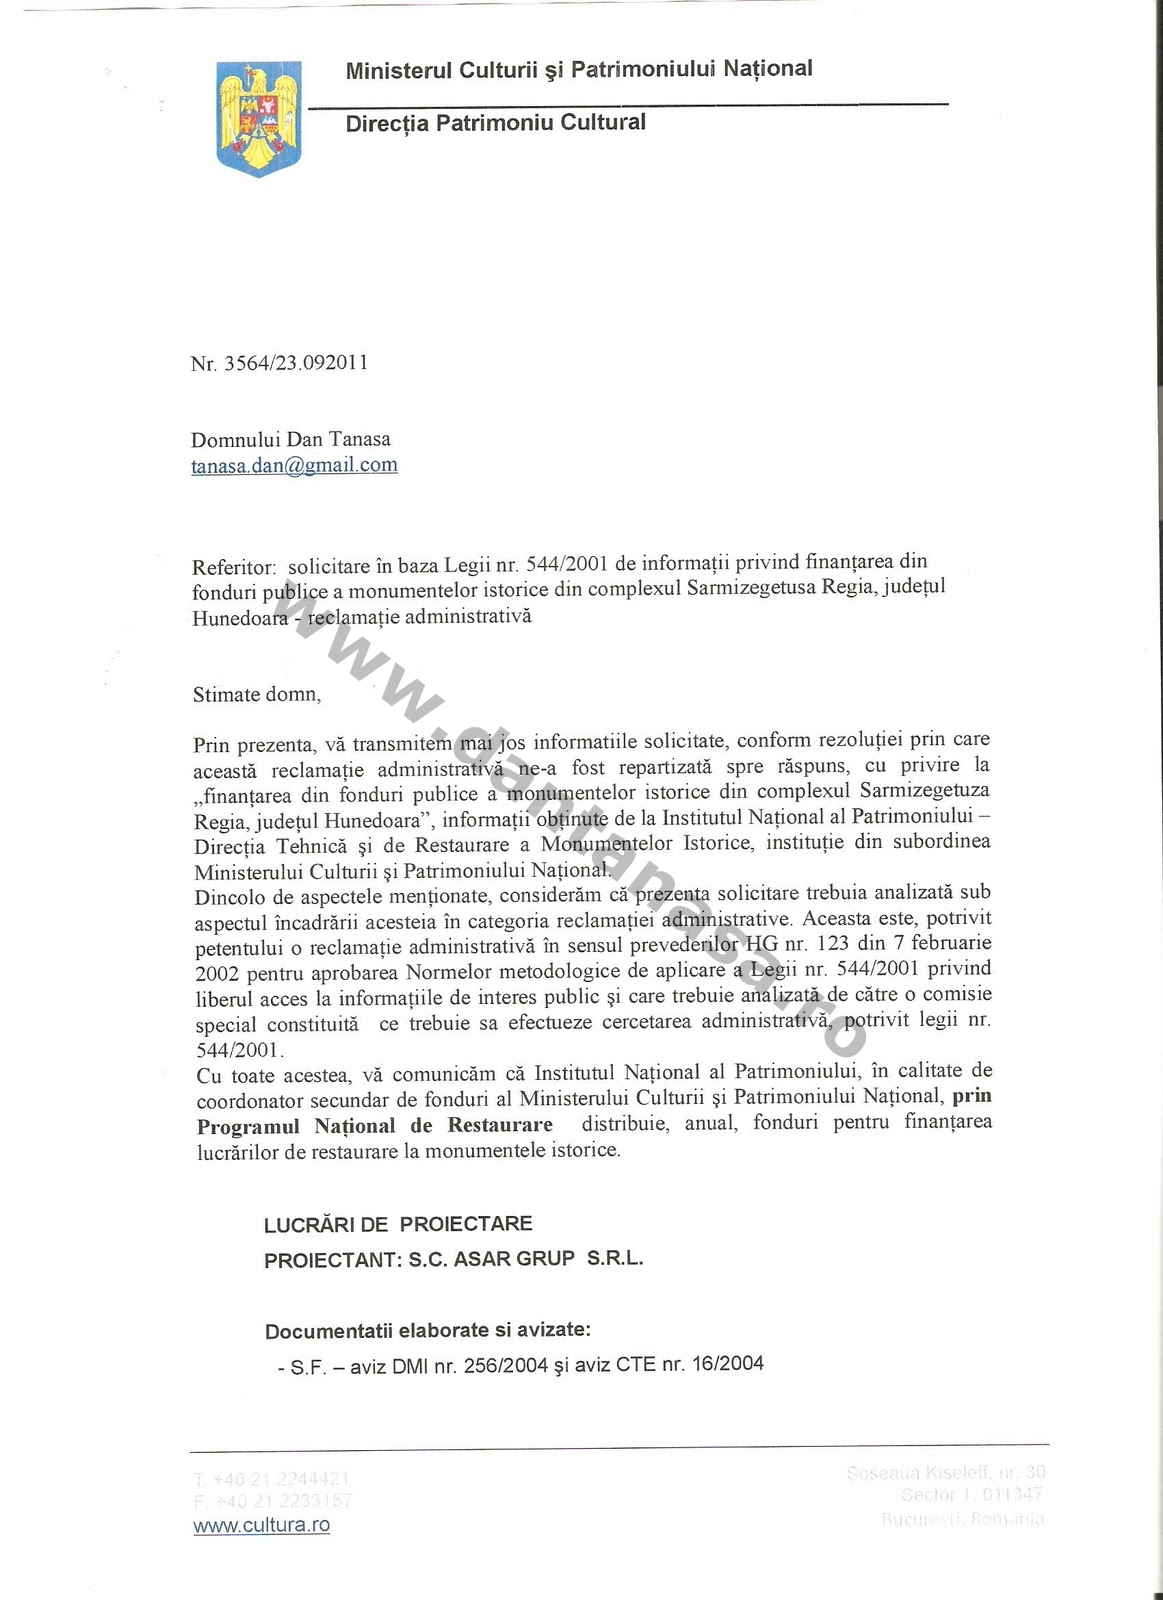 Kelemen Hunor fonduri Sarmizegetura Regia 1